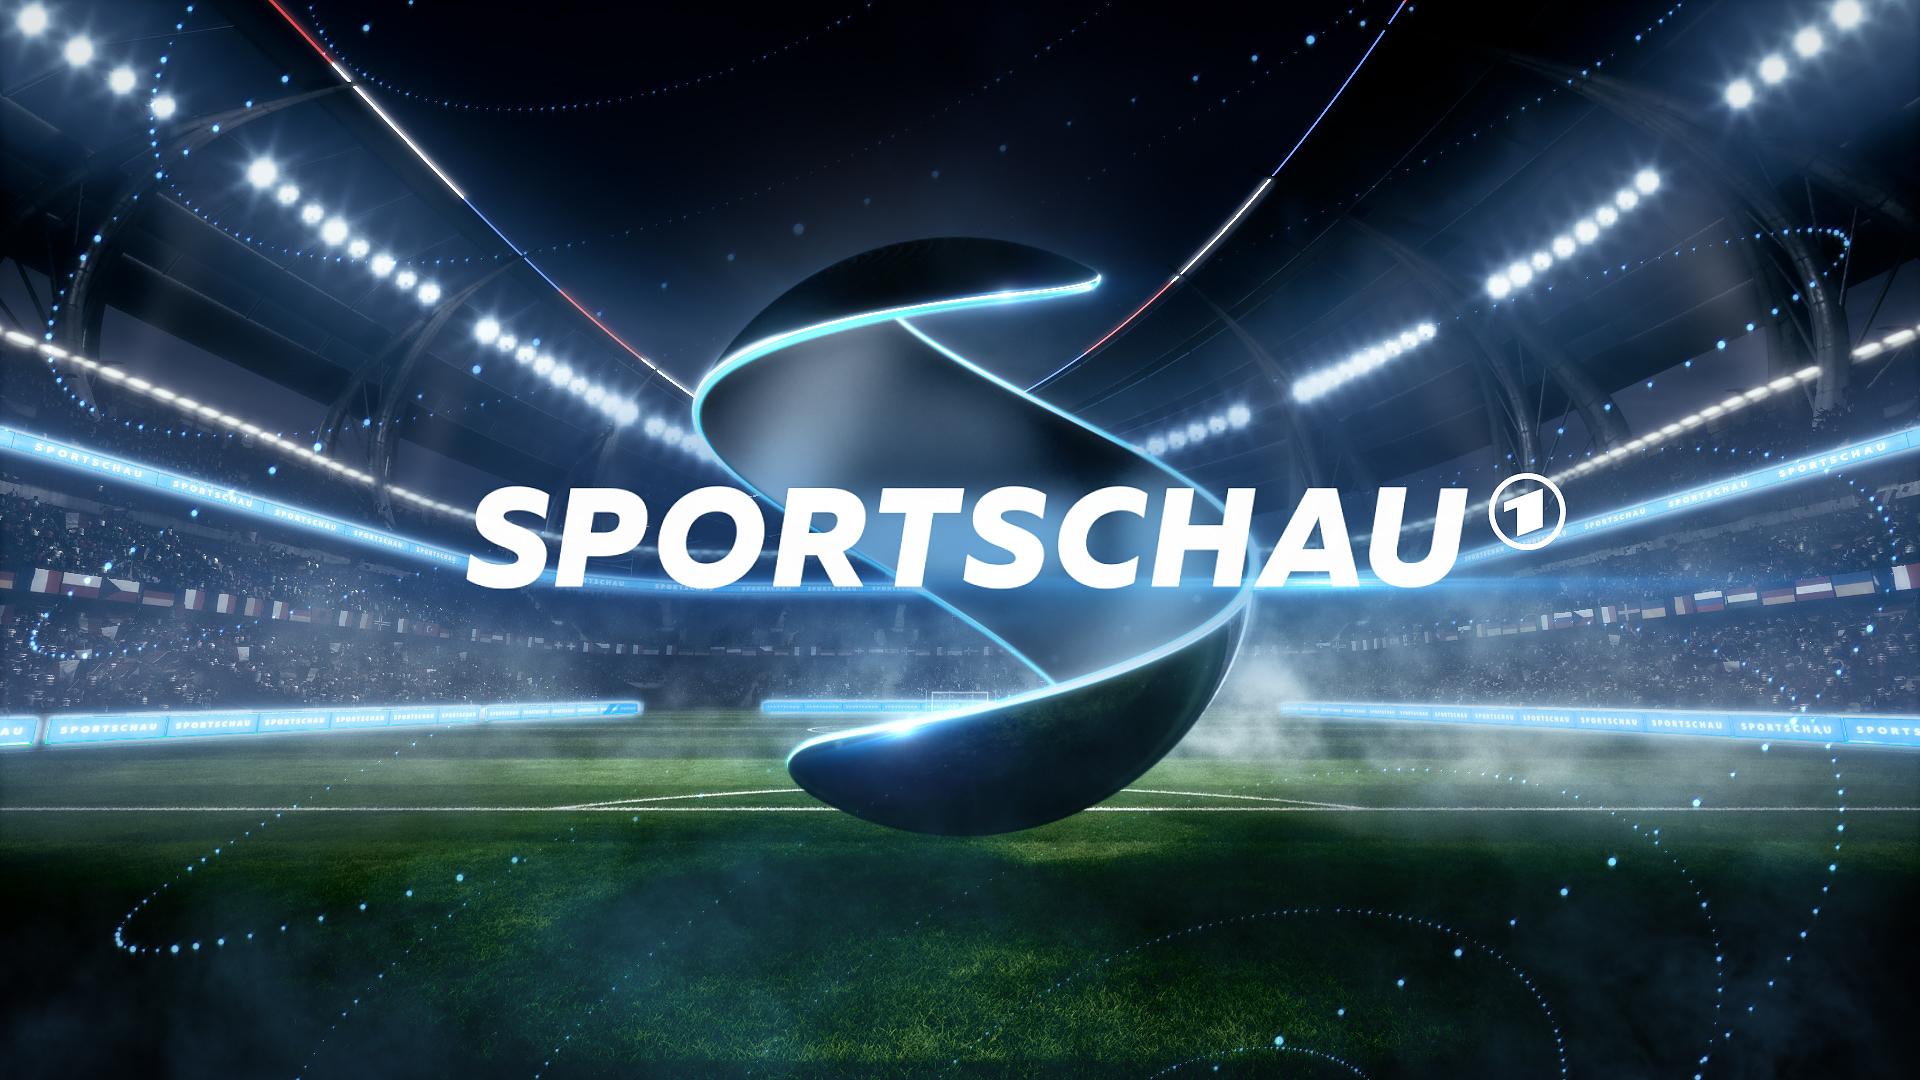 sportschau on air branding mit der euro 2016. Black Bedroom Furniture Sets. Home Design Ideas